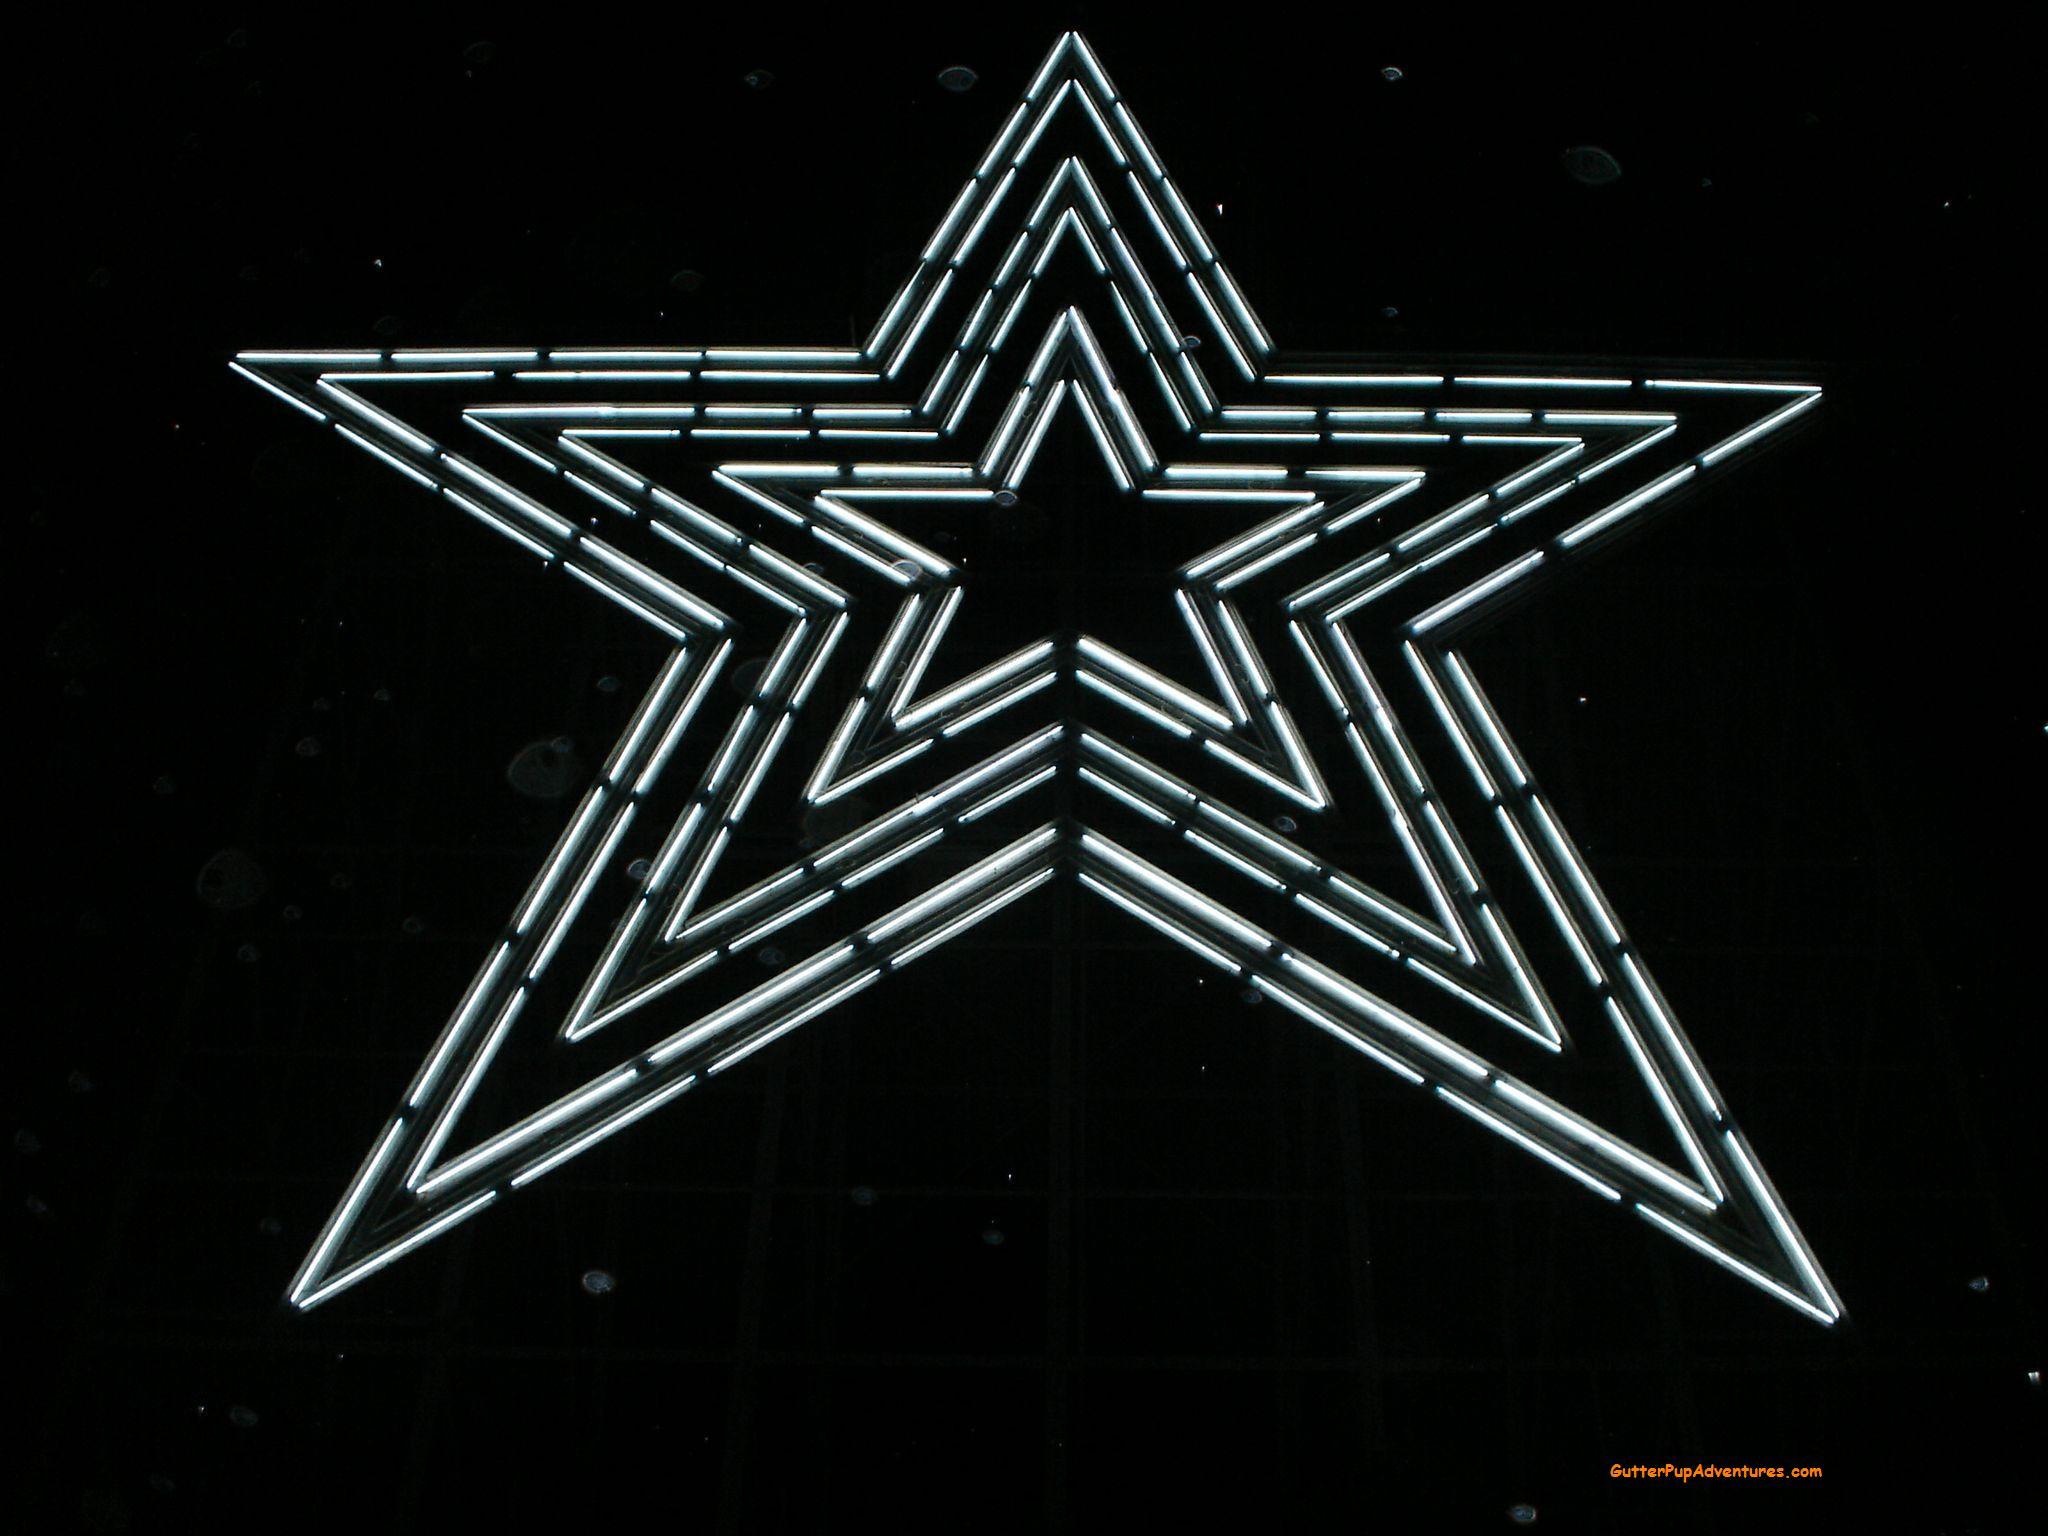 The Roanoke Star.